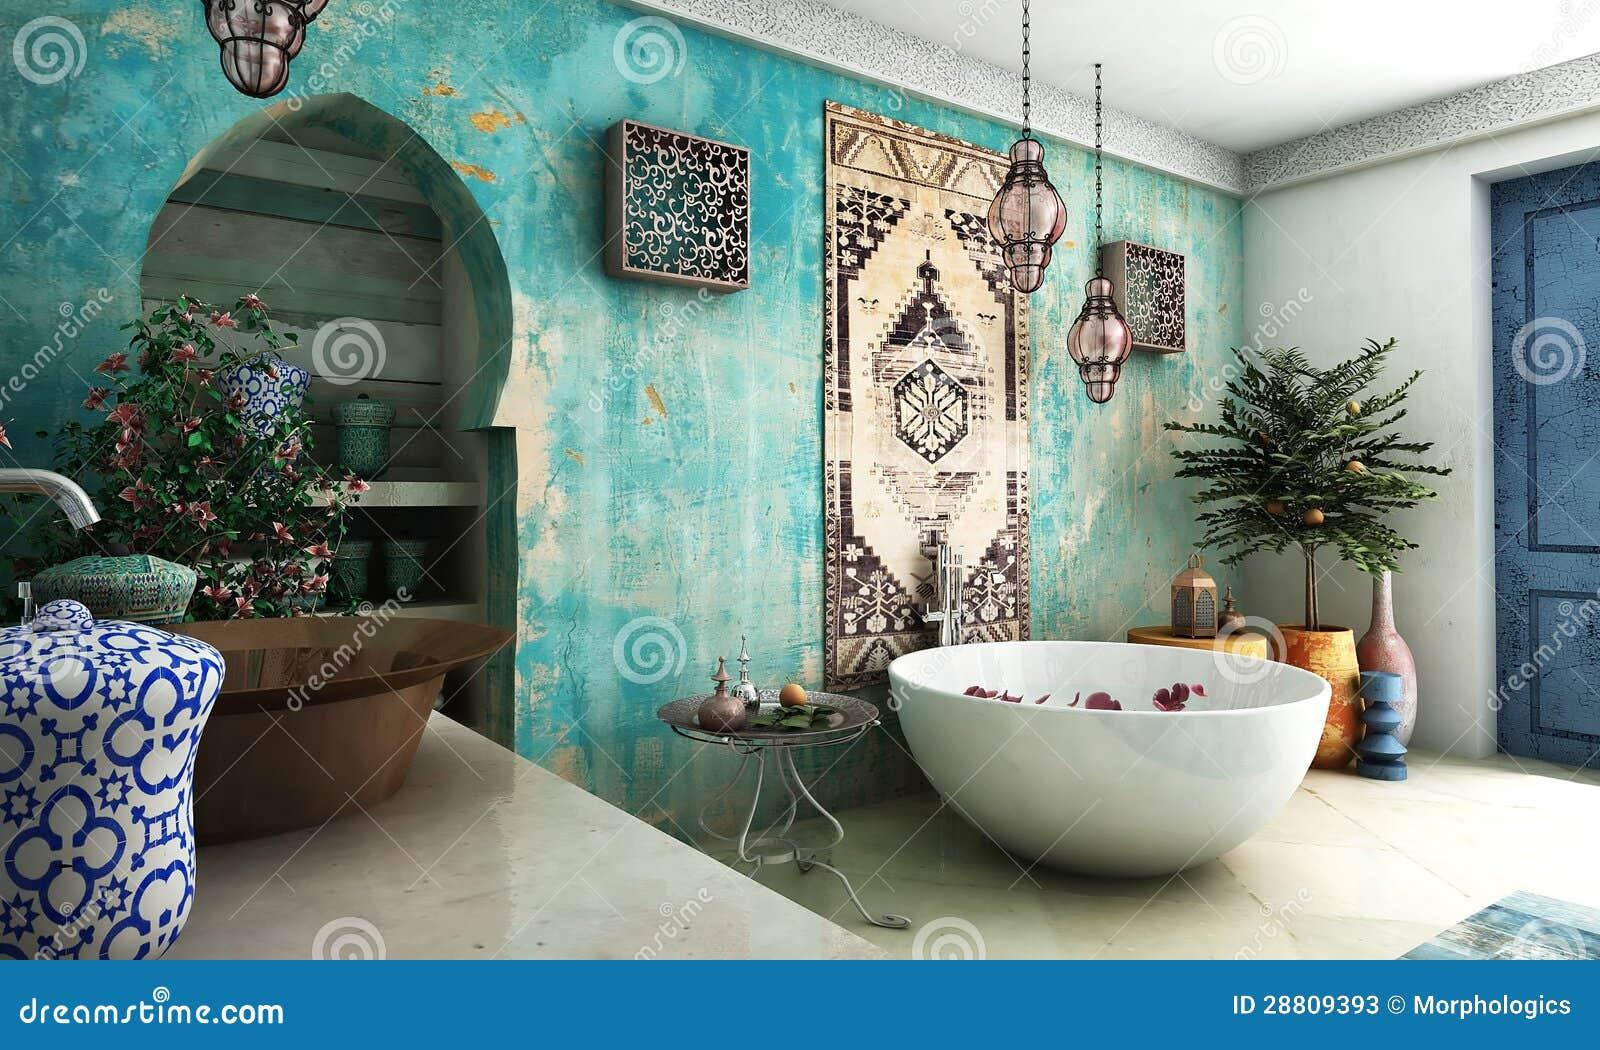 ordinary badezimmer turkisch #1: Badezimmer Türkisch